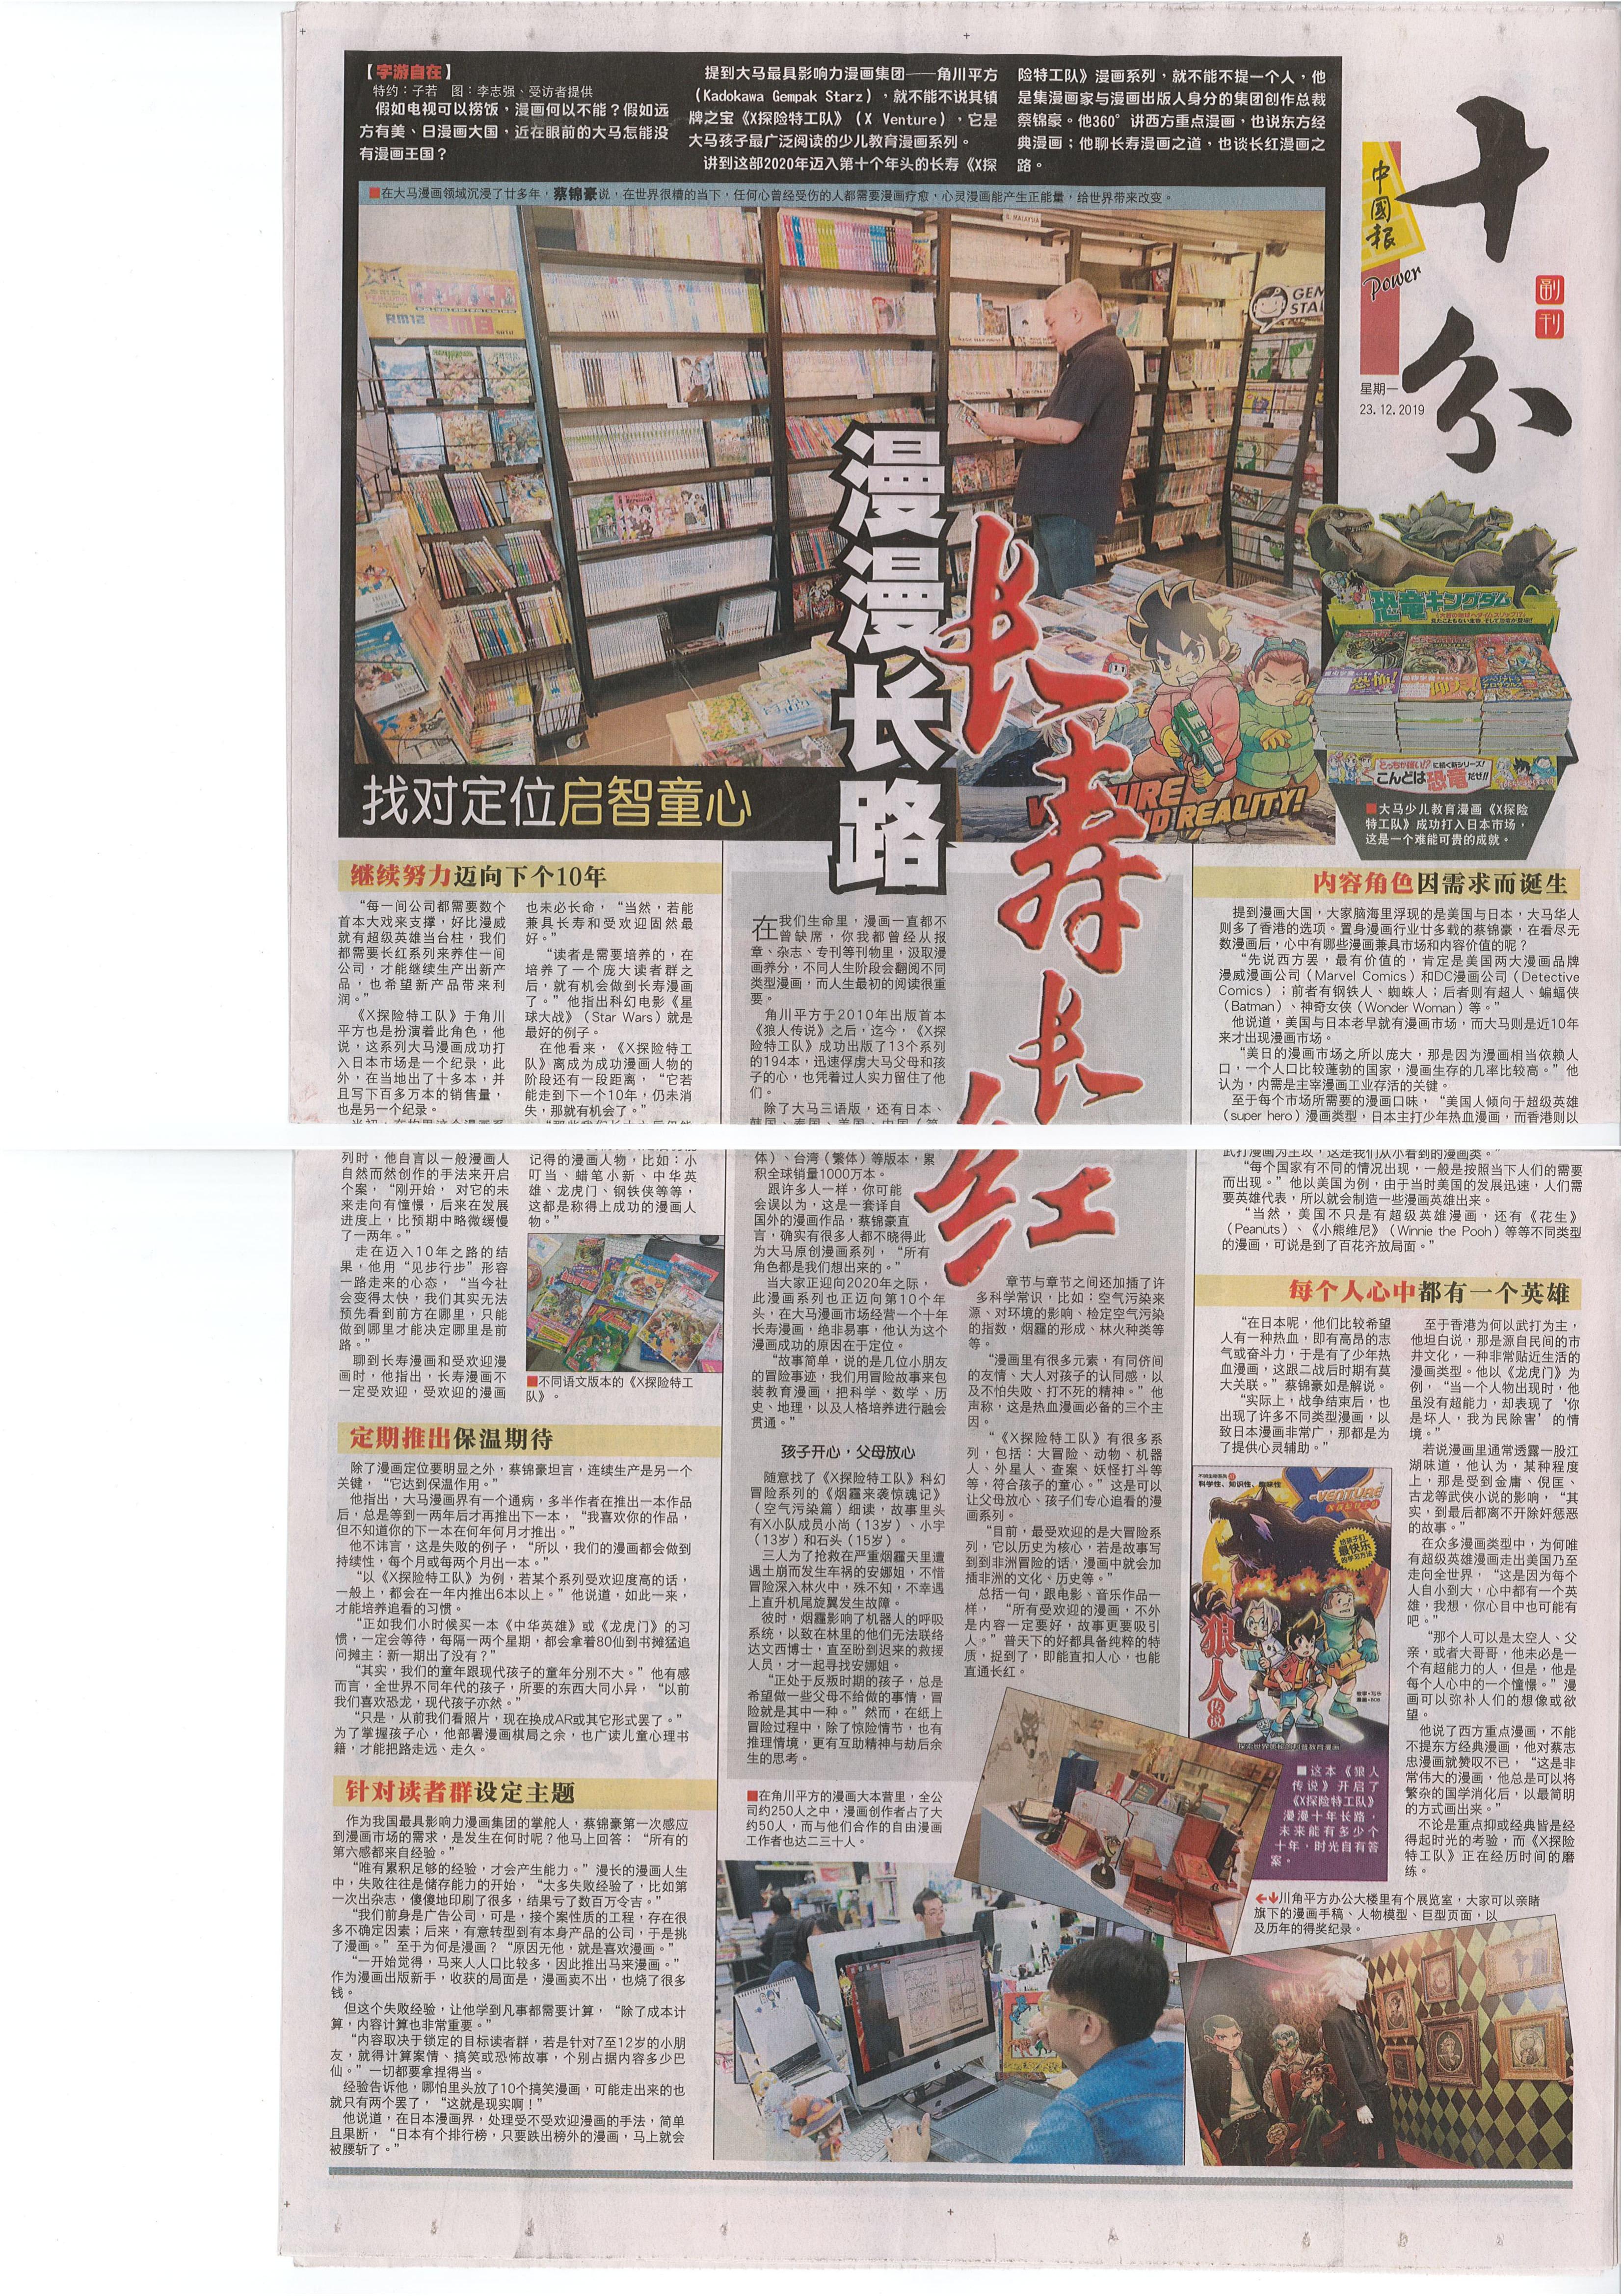 Malaysia comic | Book publishing companies in Malaysia | Komik Malaysia